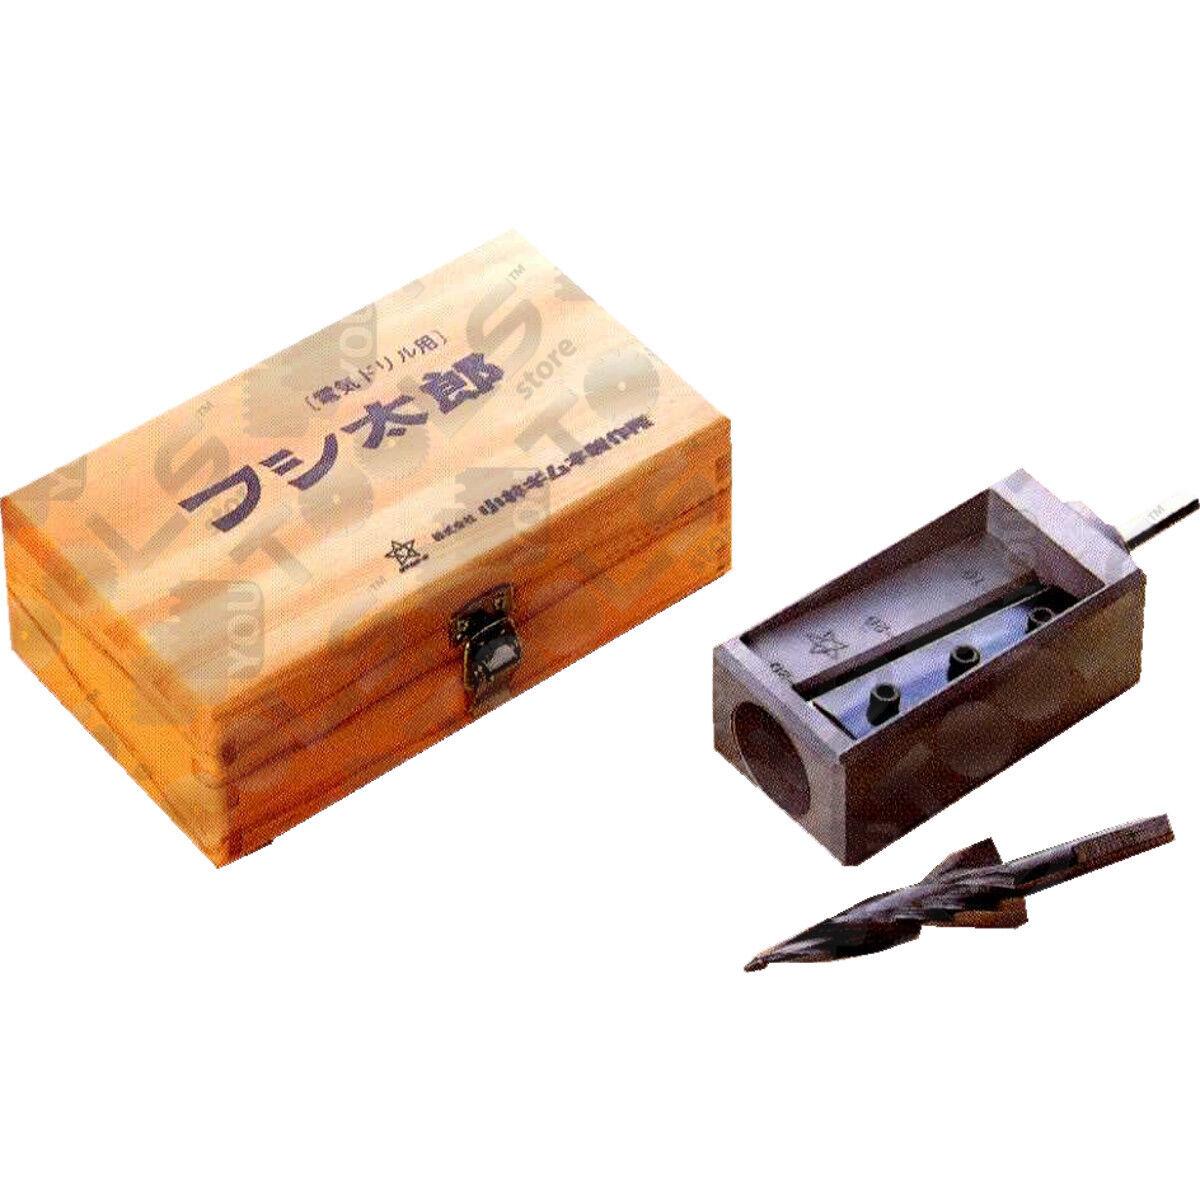 Levanodi per legno, per asportare nodi nel legno in modo professionale